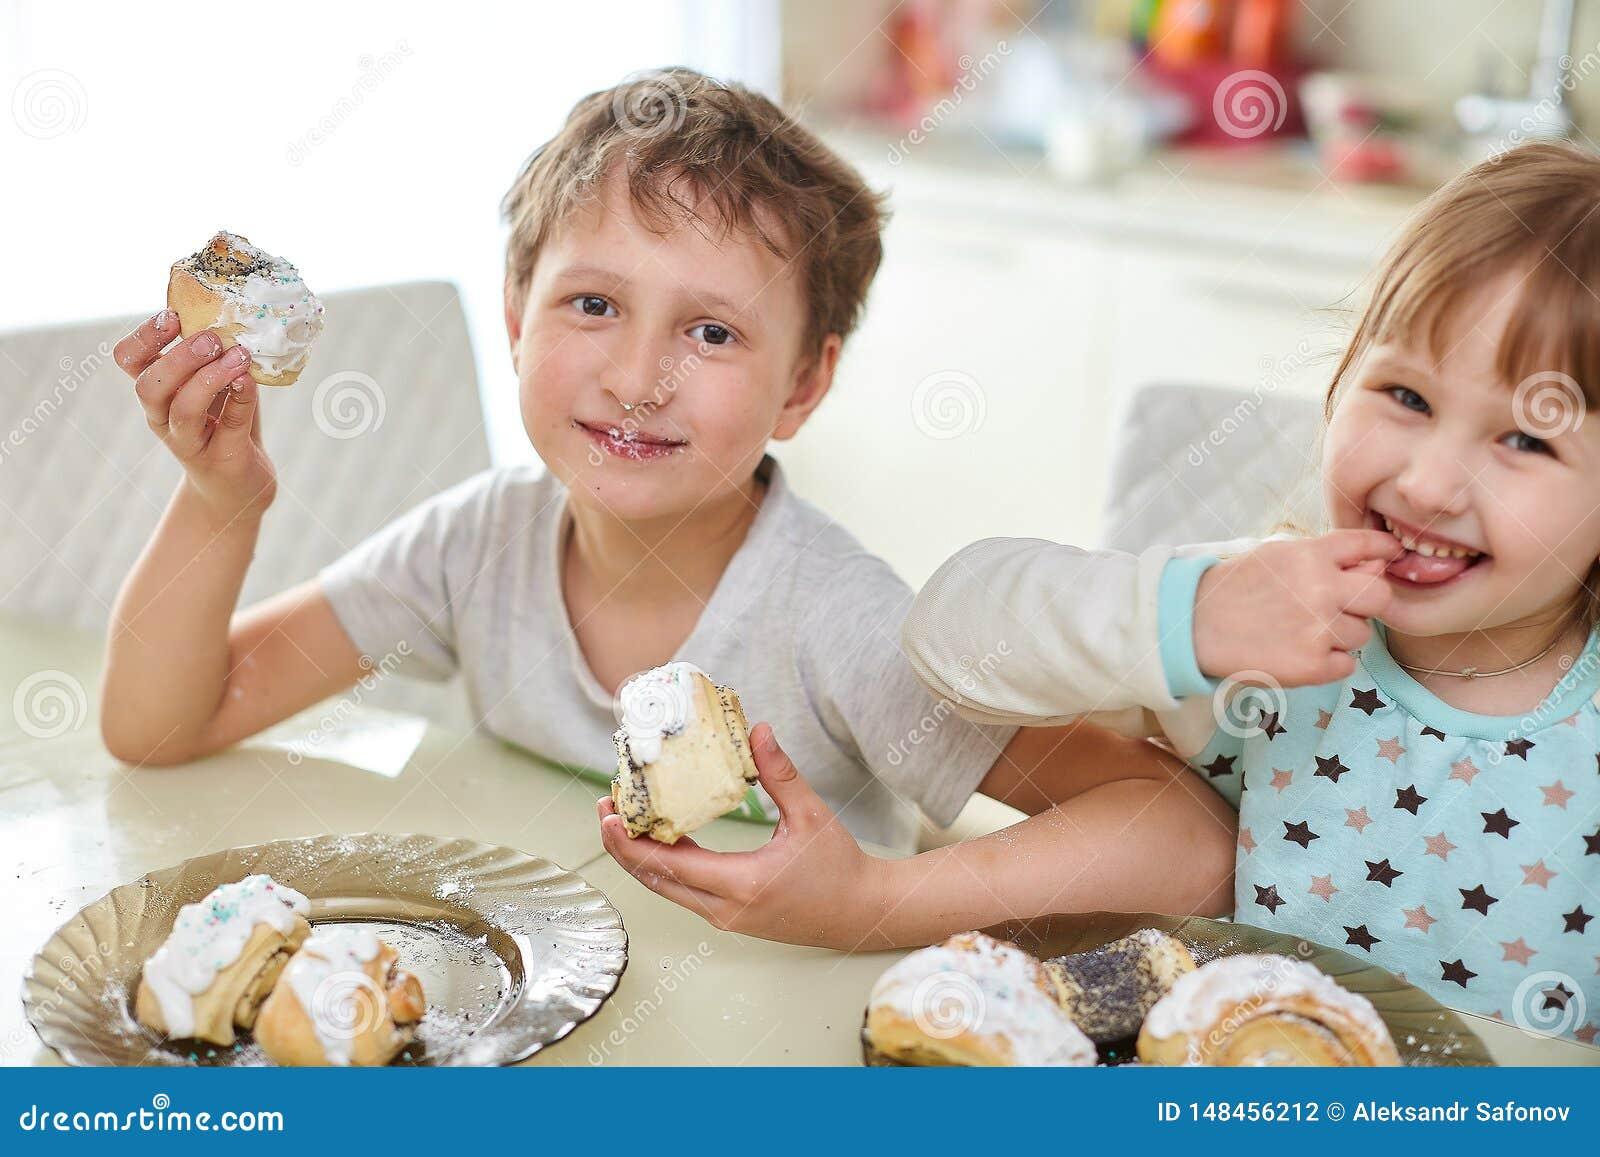 愉快的孩子吃酥皮点心在明亮的厨房里在桌上